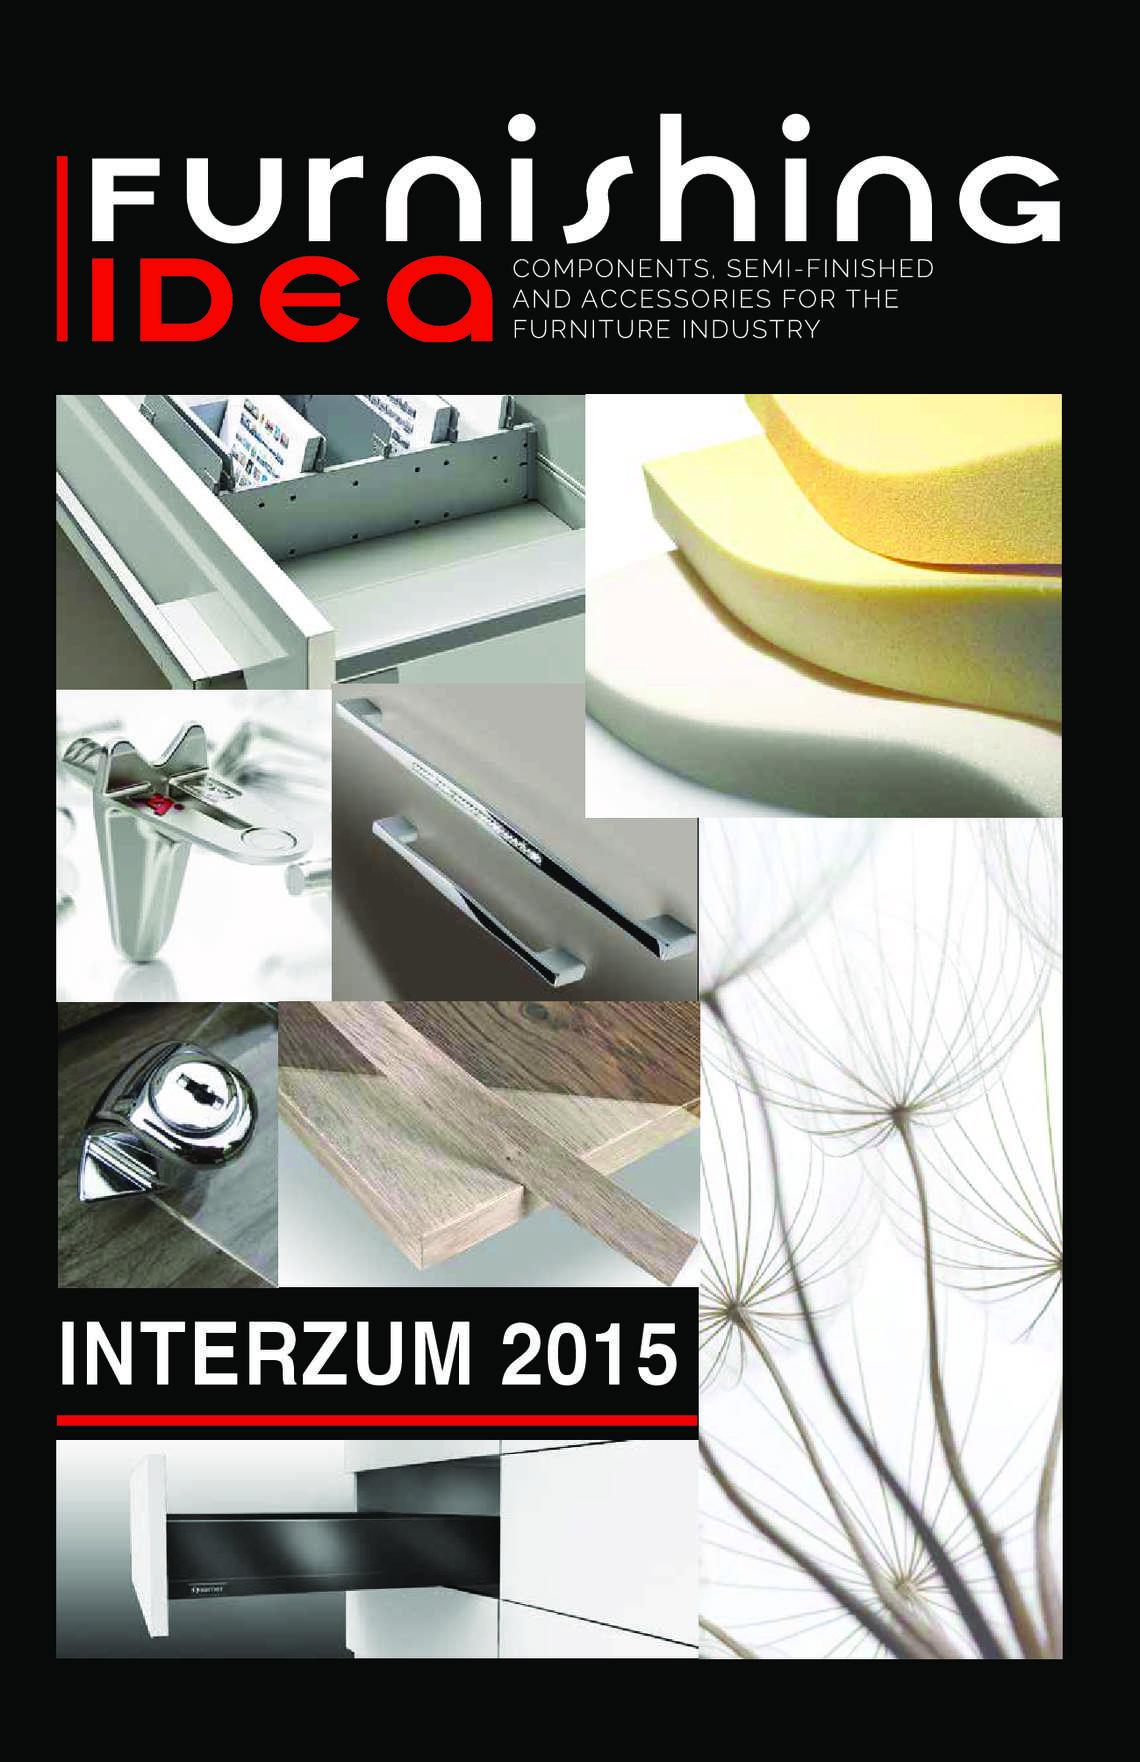 Interzum 2015